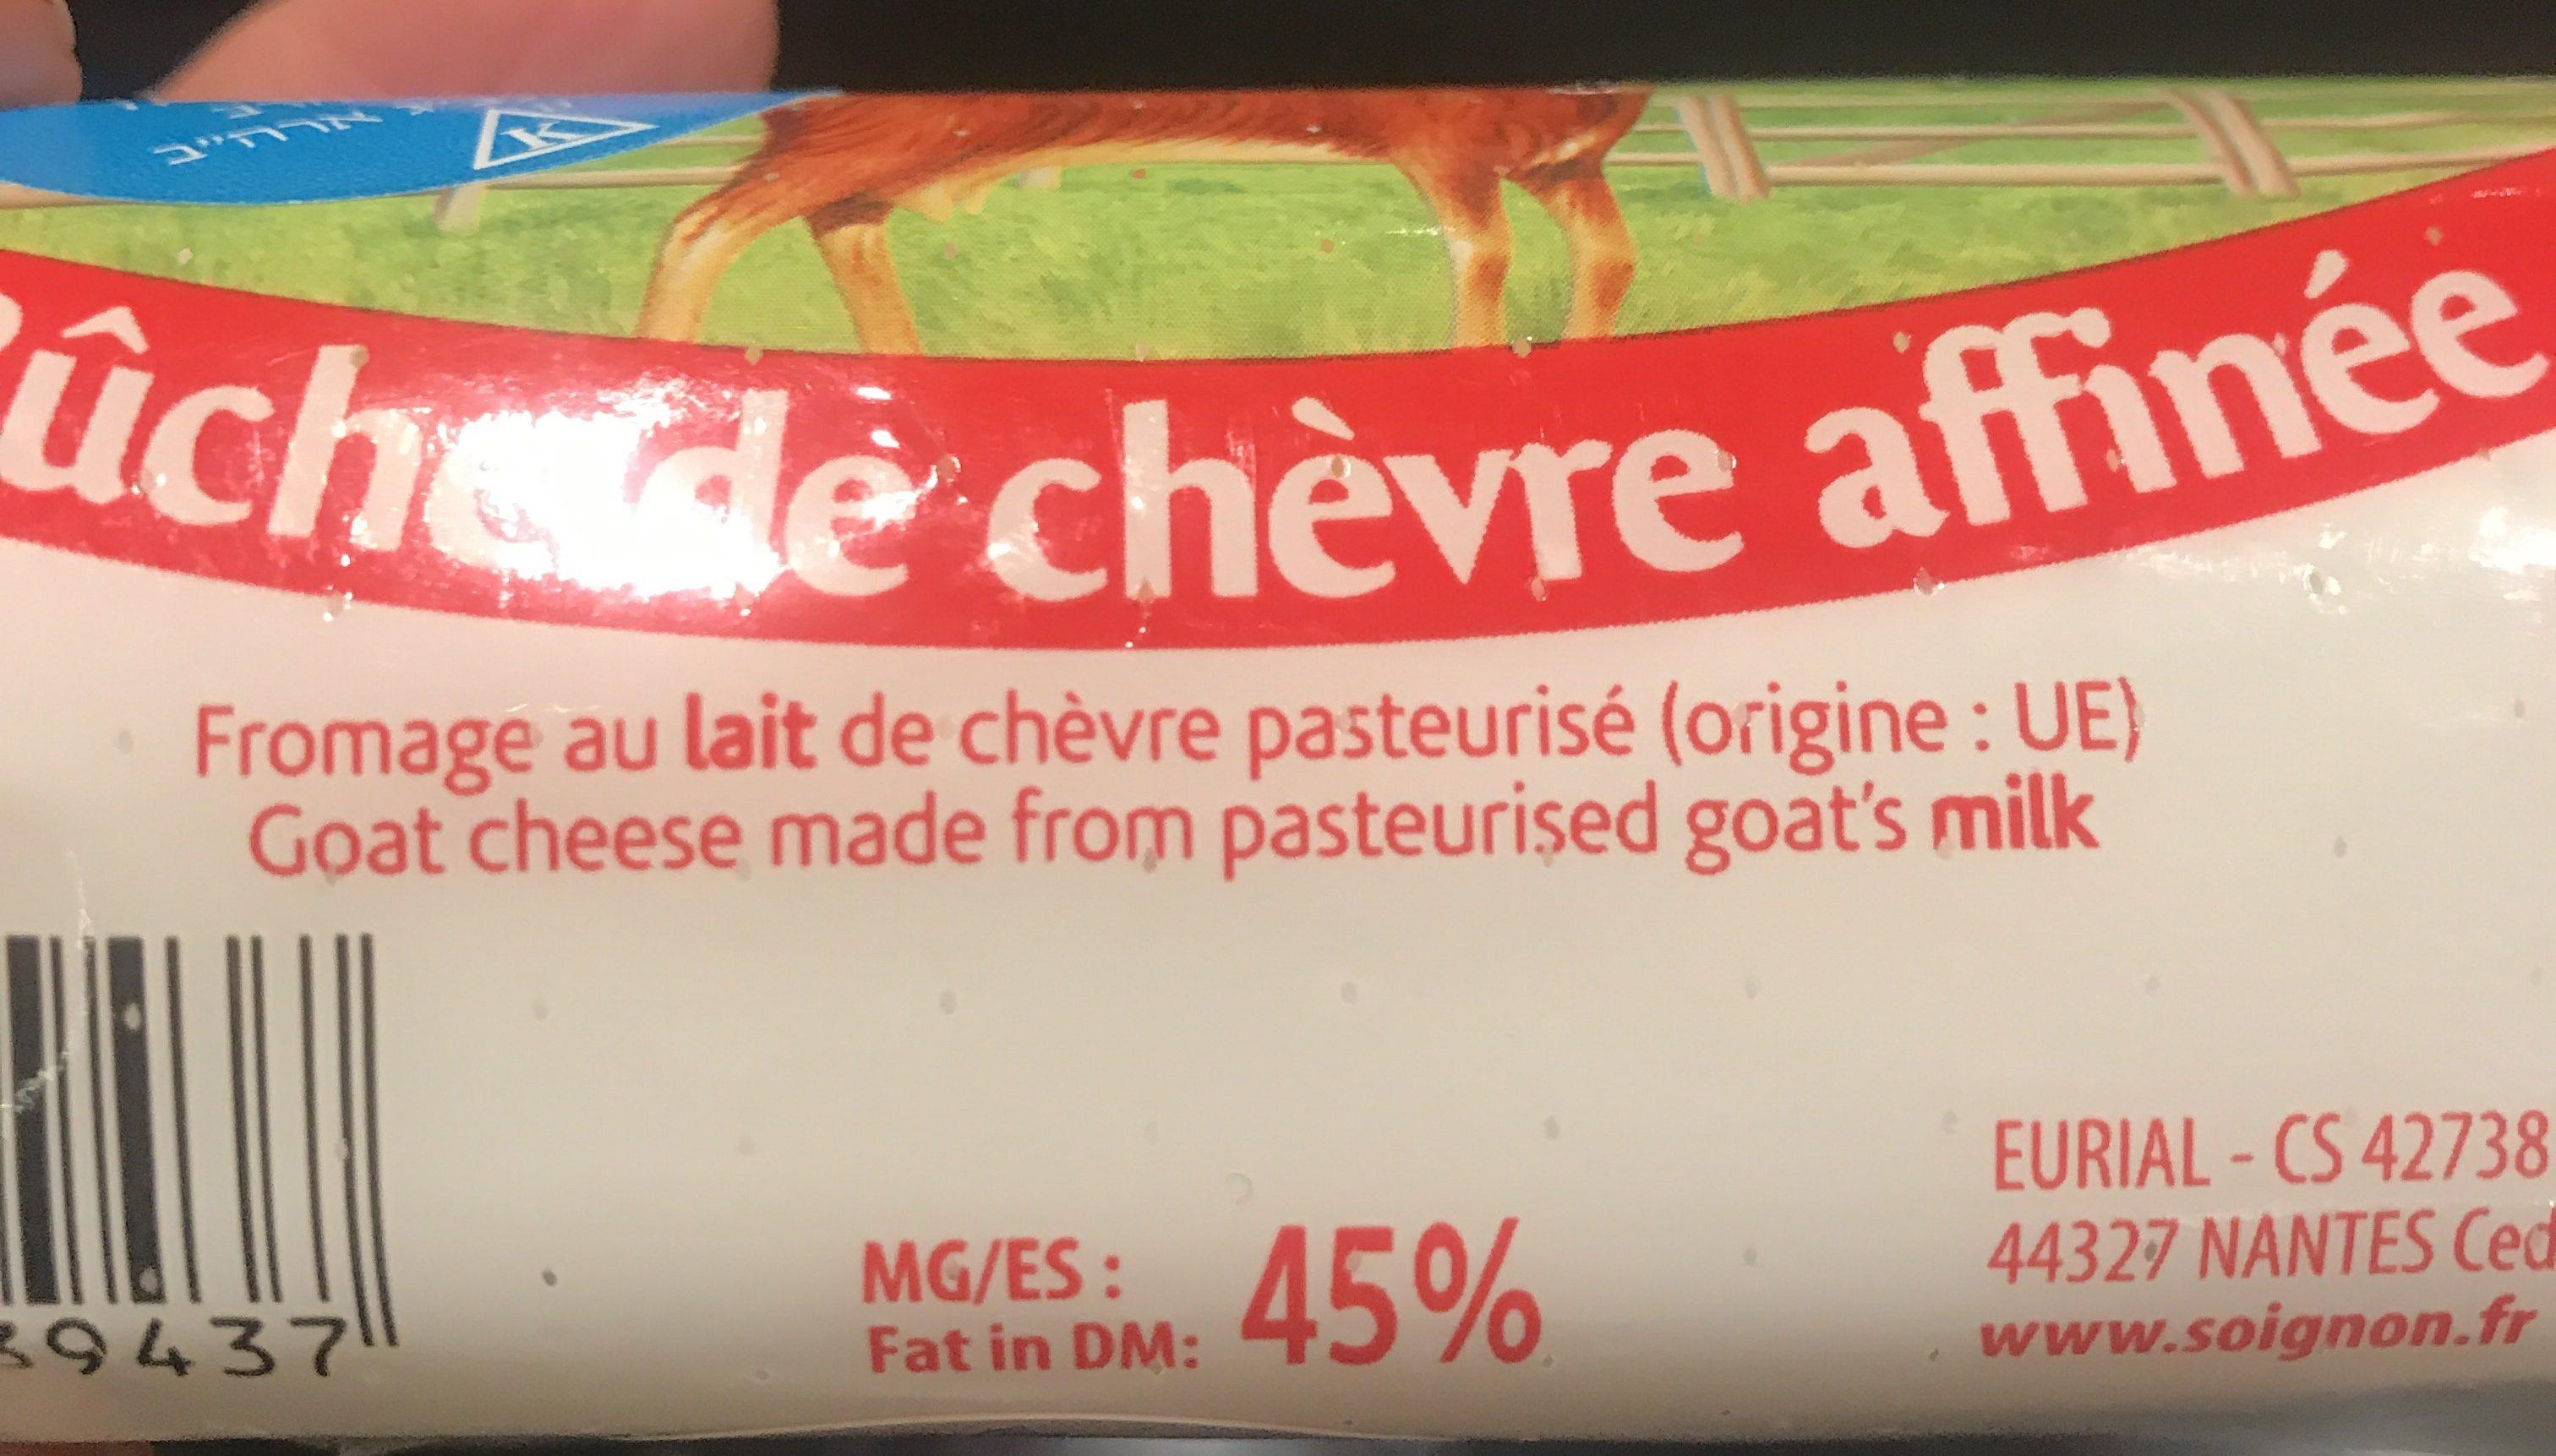 Buche de Chèvre Affinée - מוצר